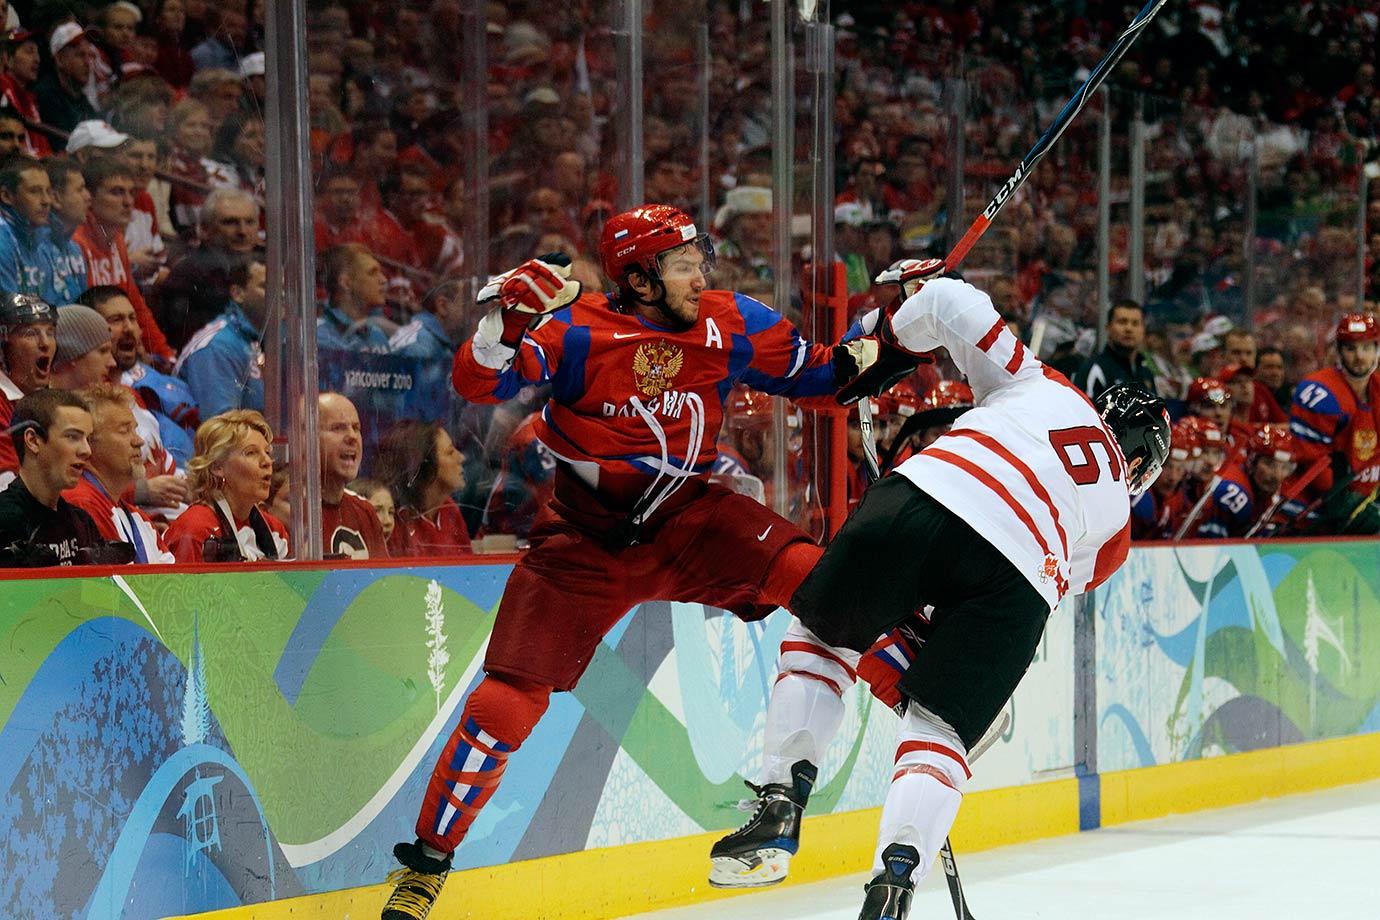 February 24, 2010 — Winter Olympics